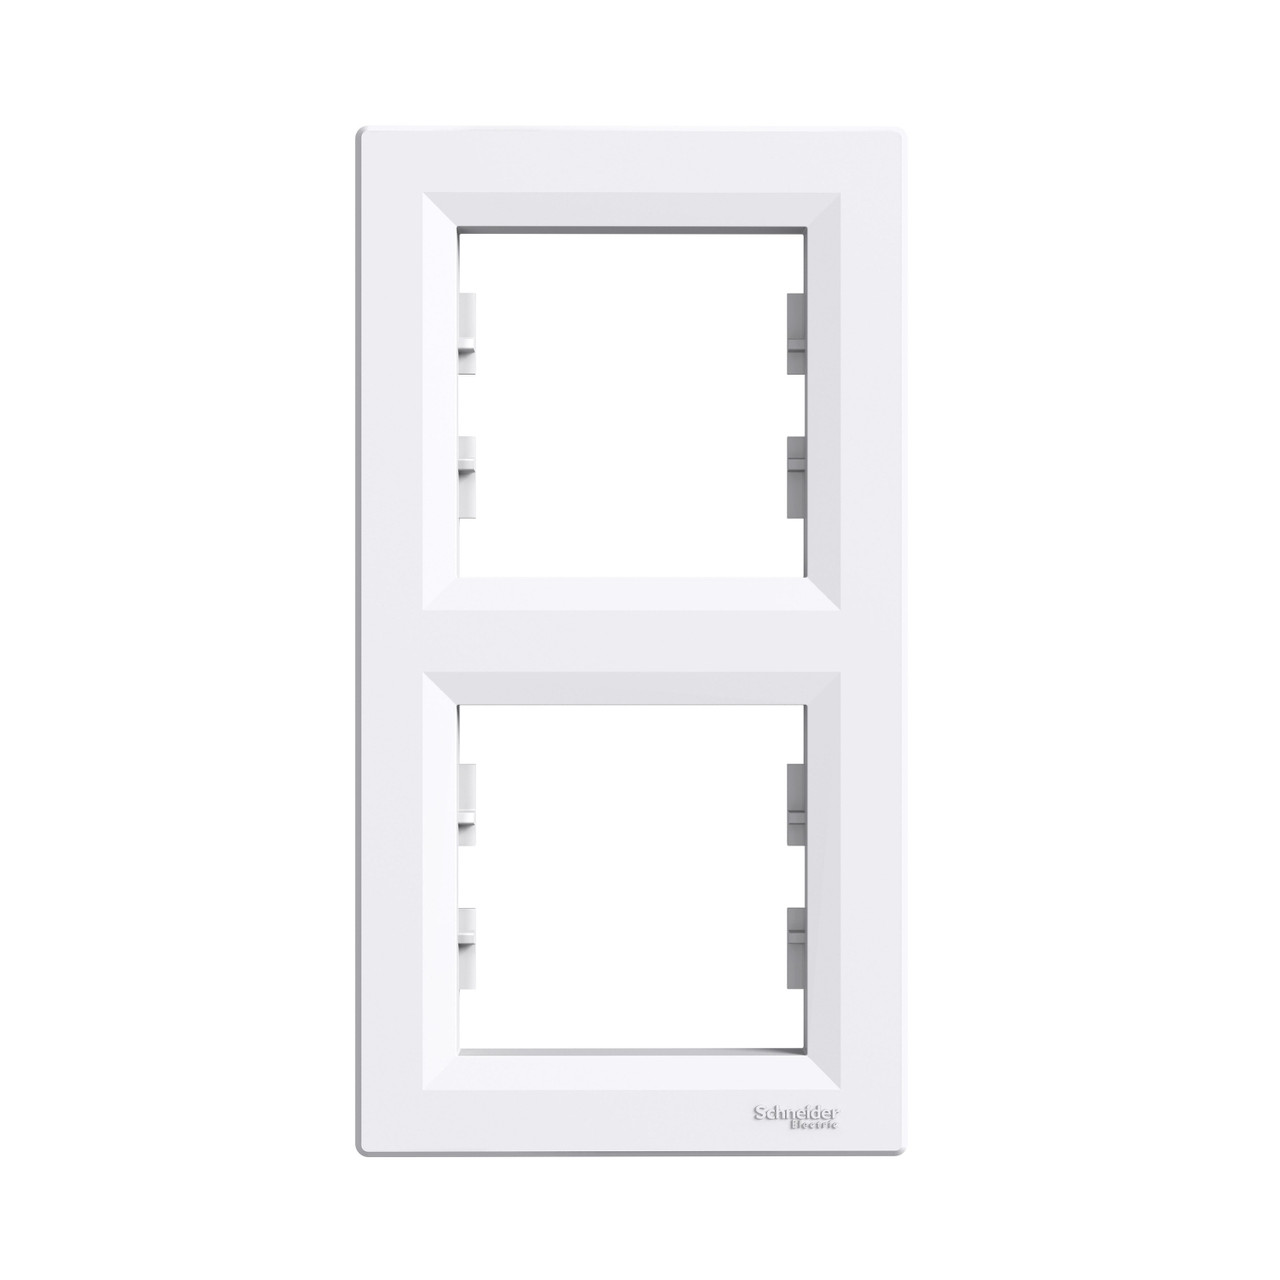 Рамка Schneider Asfora 2-постовая вертикальная